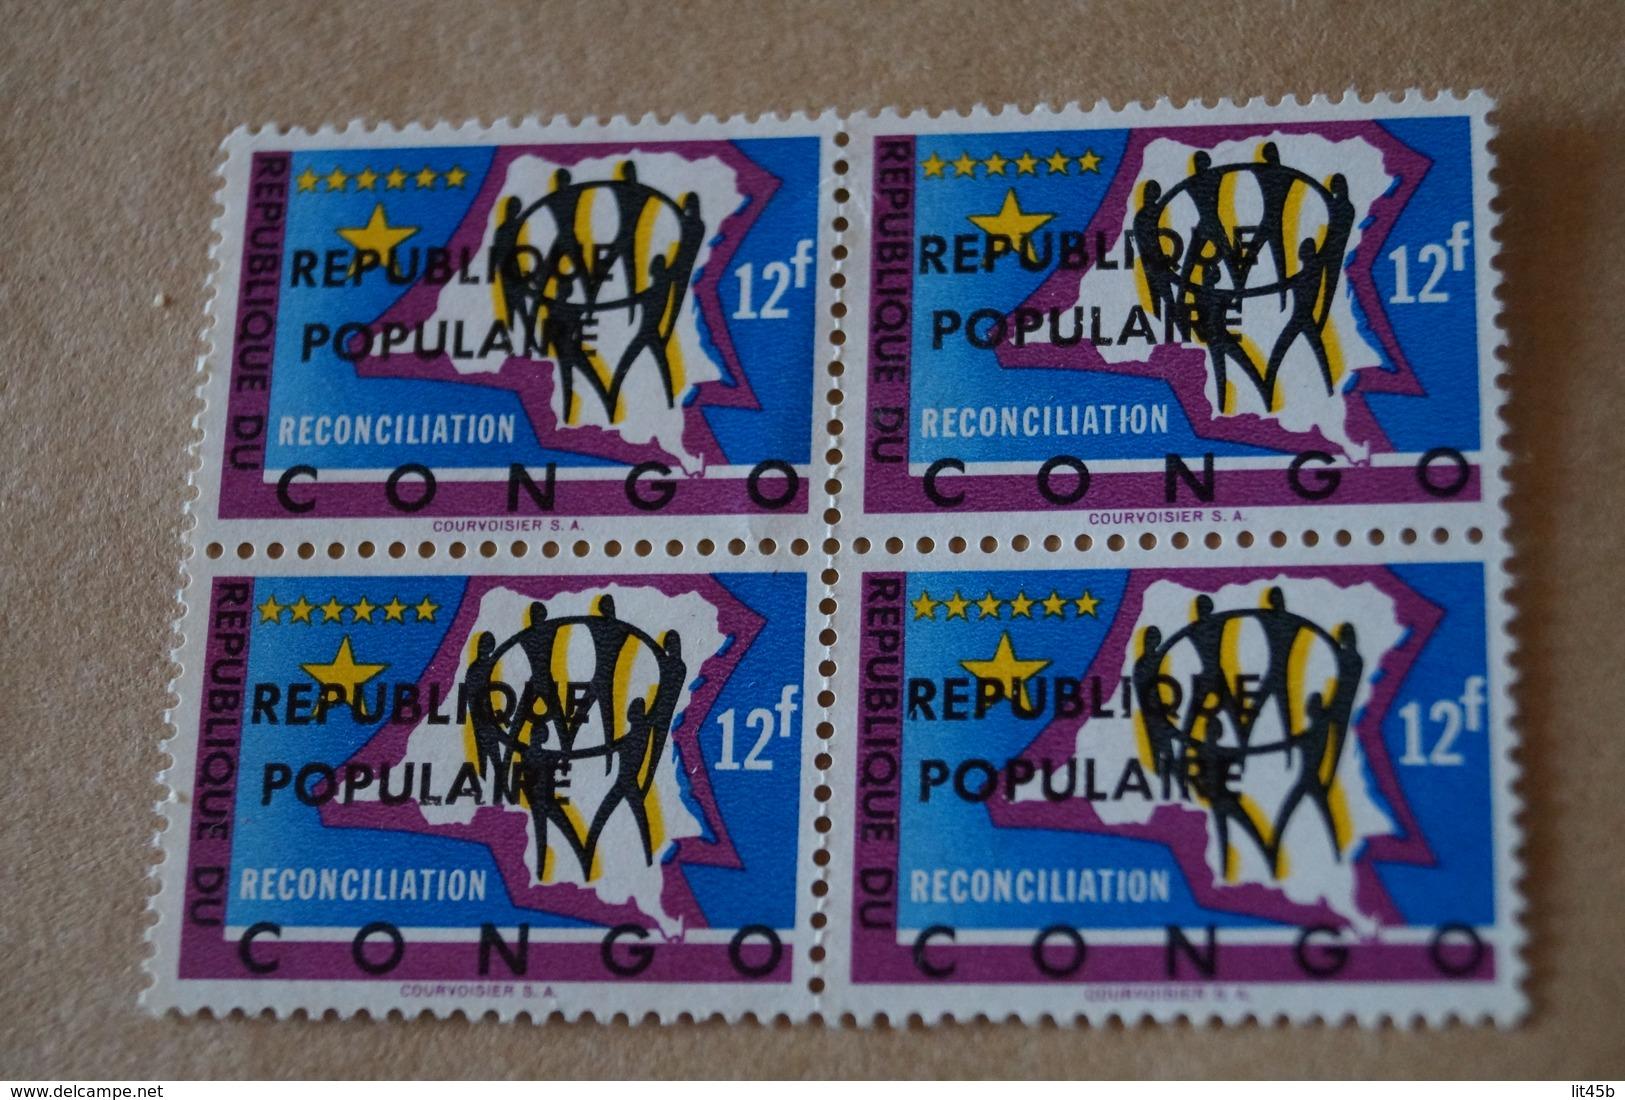 Feuillet De 4 Timbres,république Populaire,12 Fr. ,Réconciliation,Congo,4 Timbres Neuf Avec Gomme,collection. - Congo Belga